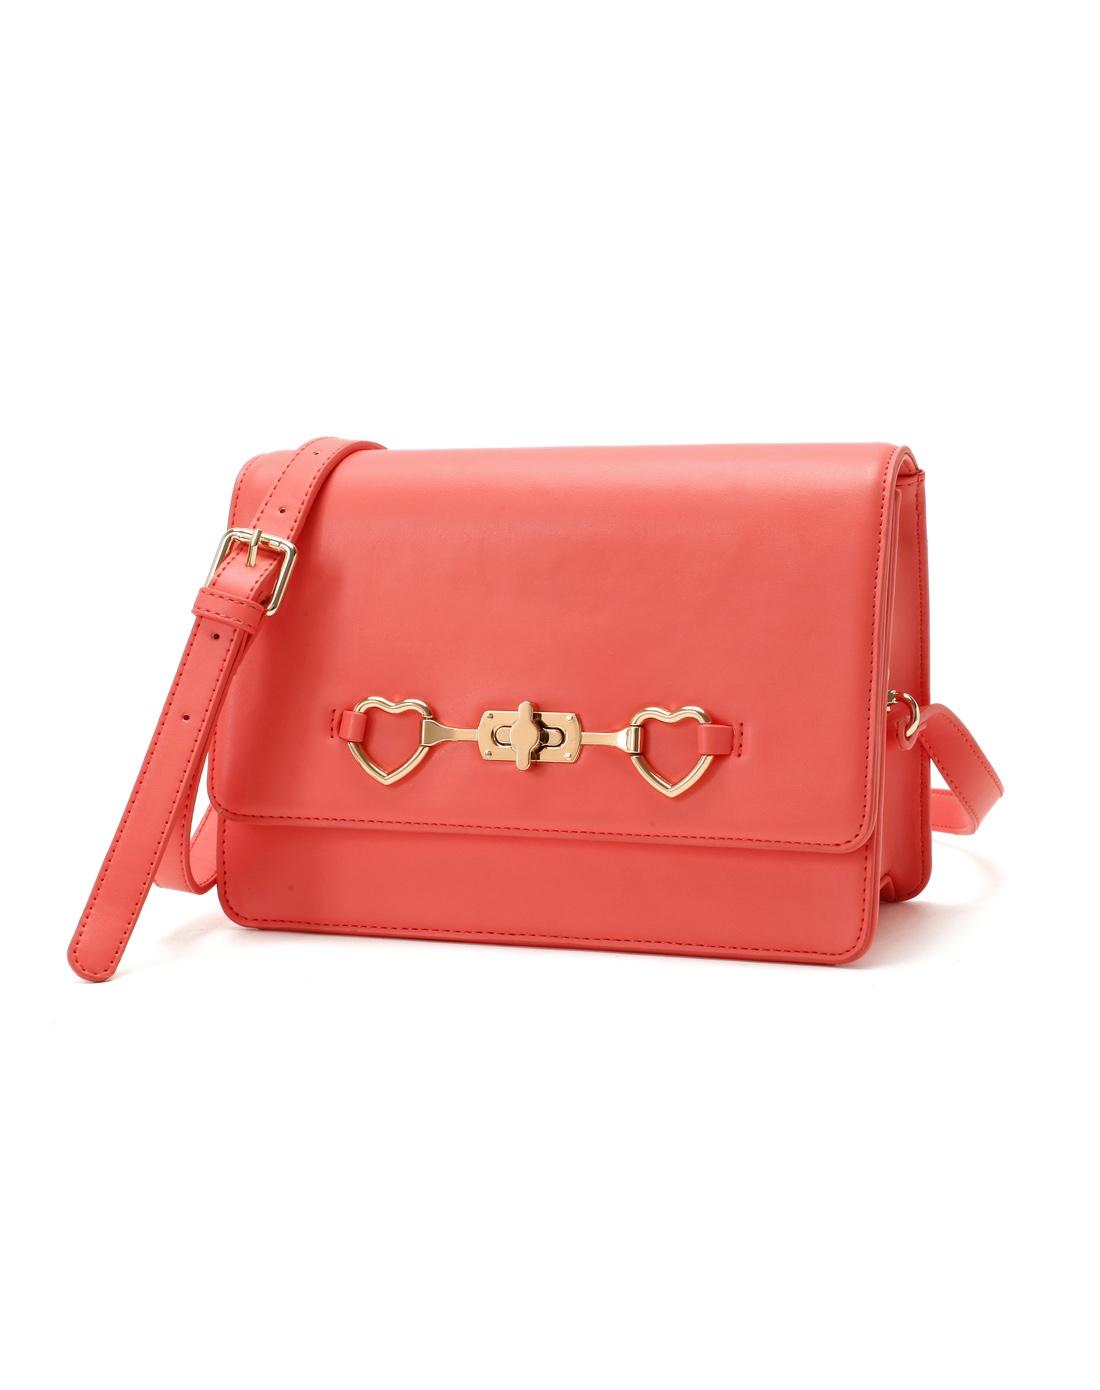 哈森harson集团品牌女鞋卡文cover2014年新款桃粉色